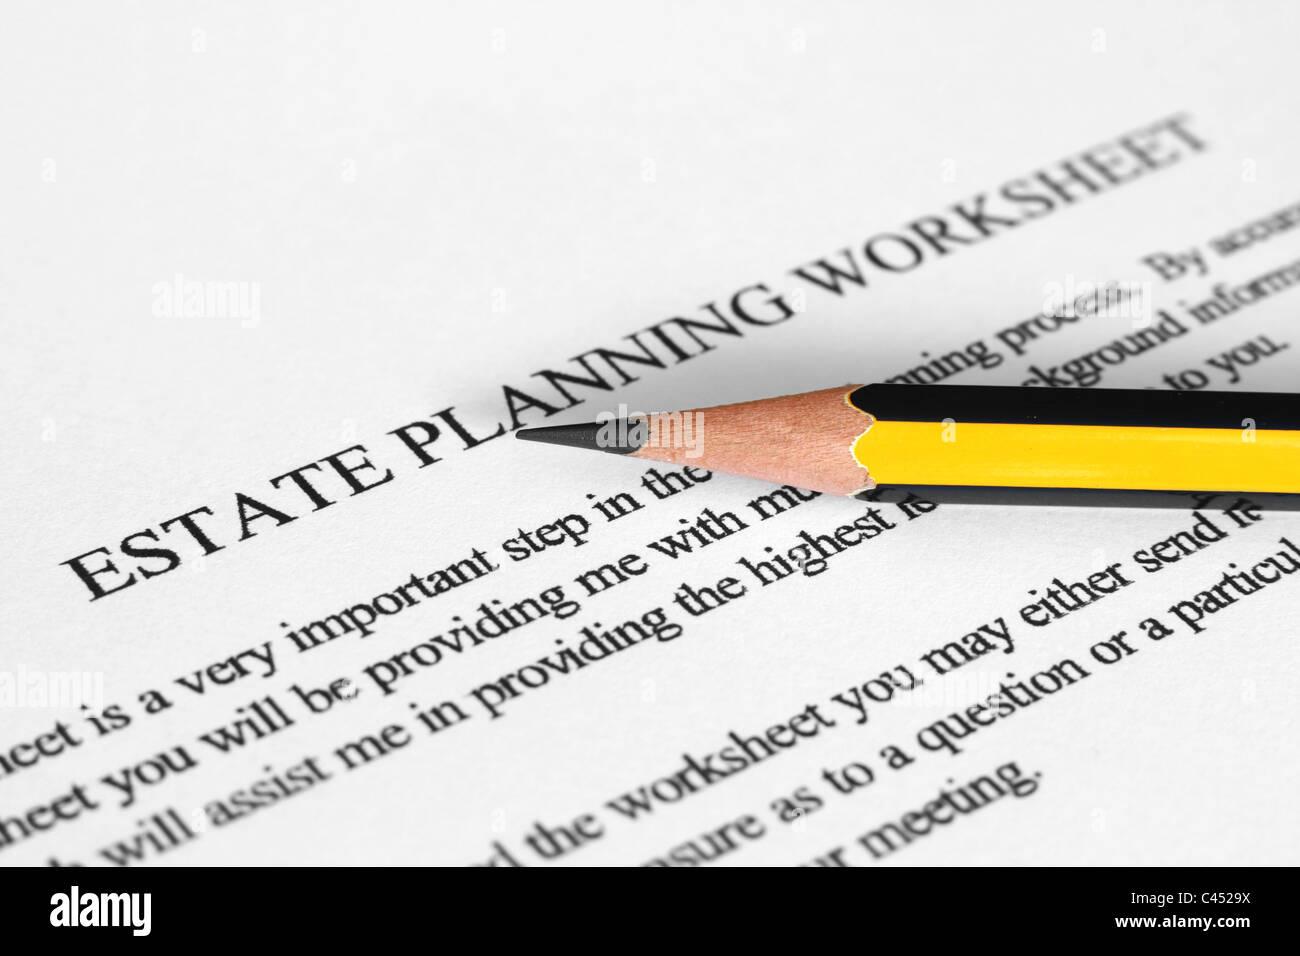 Estate Planning Worksheet Stock Photo Royalty Free Image